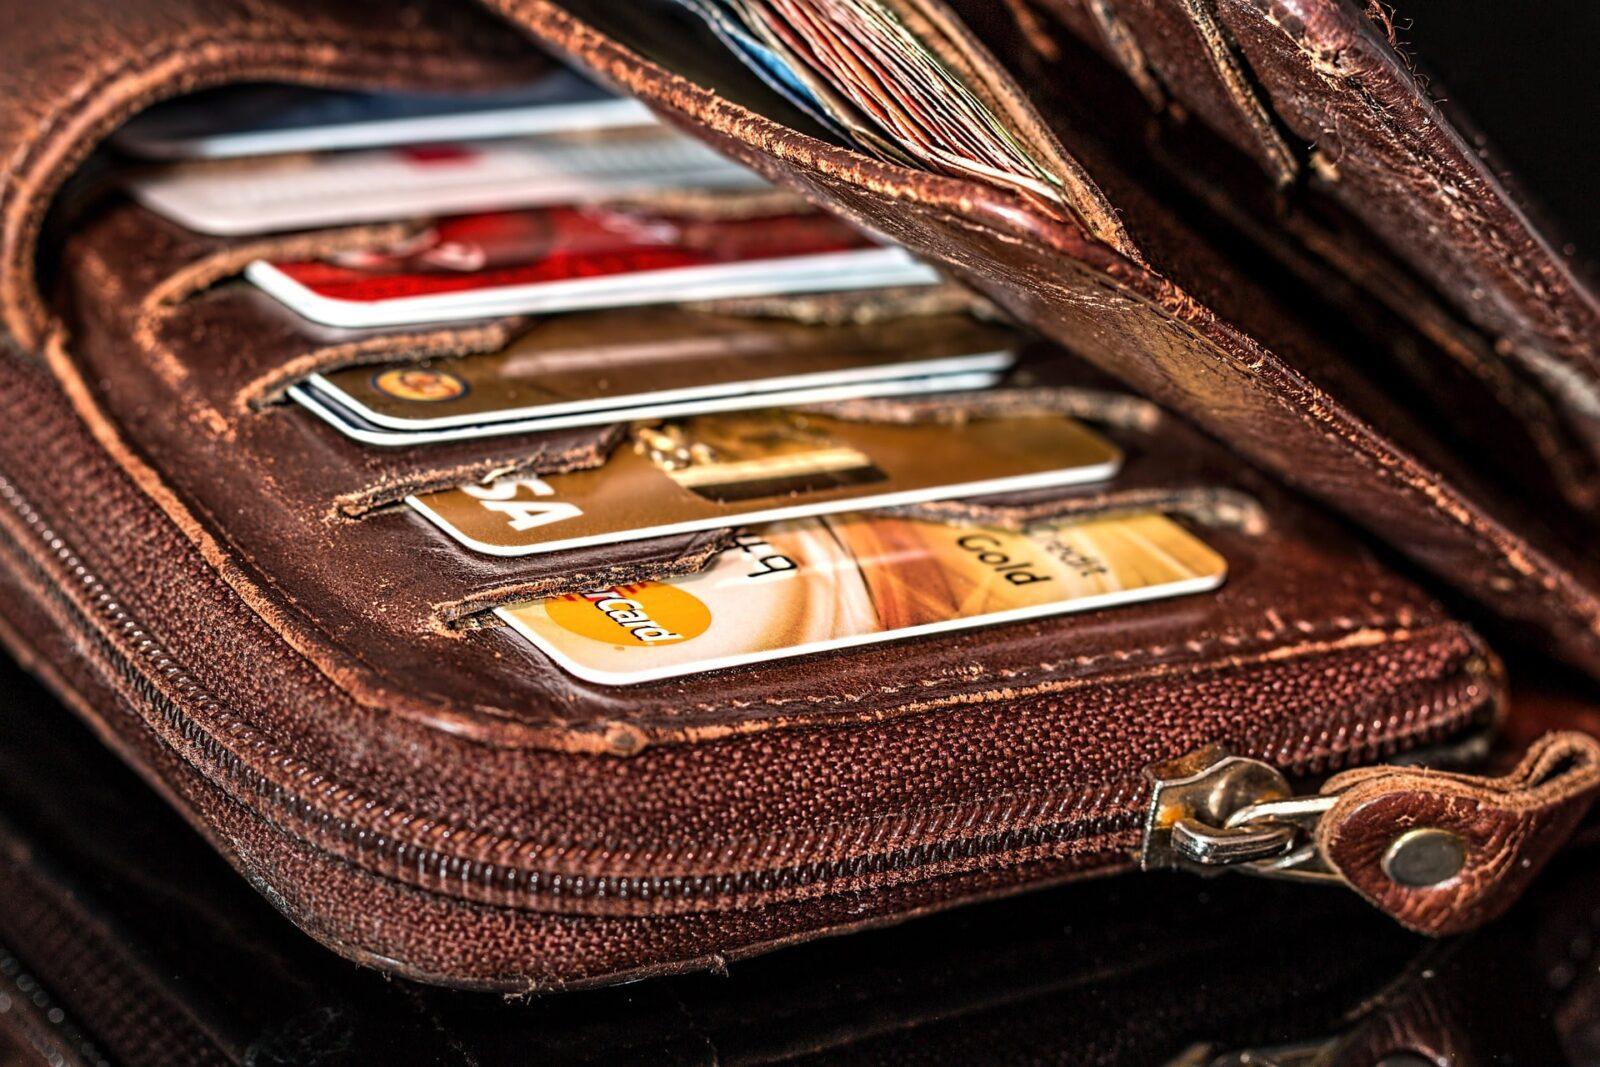 Warum Urlaub ohne Kreditkarten außerhalb von Deutschland nicht wirklich funktioniert